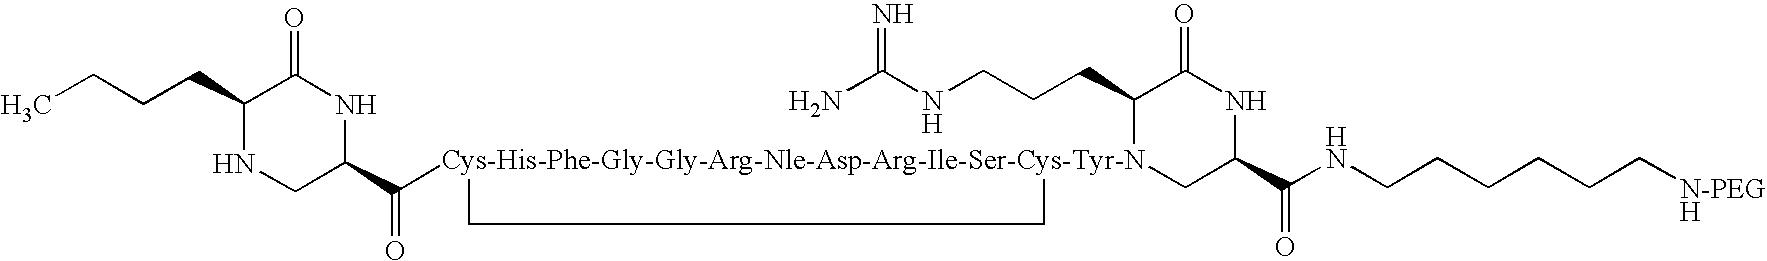 Figure US07622440-20091124-C00410